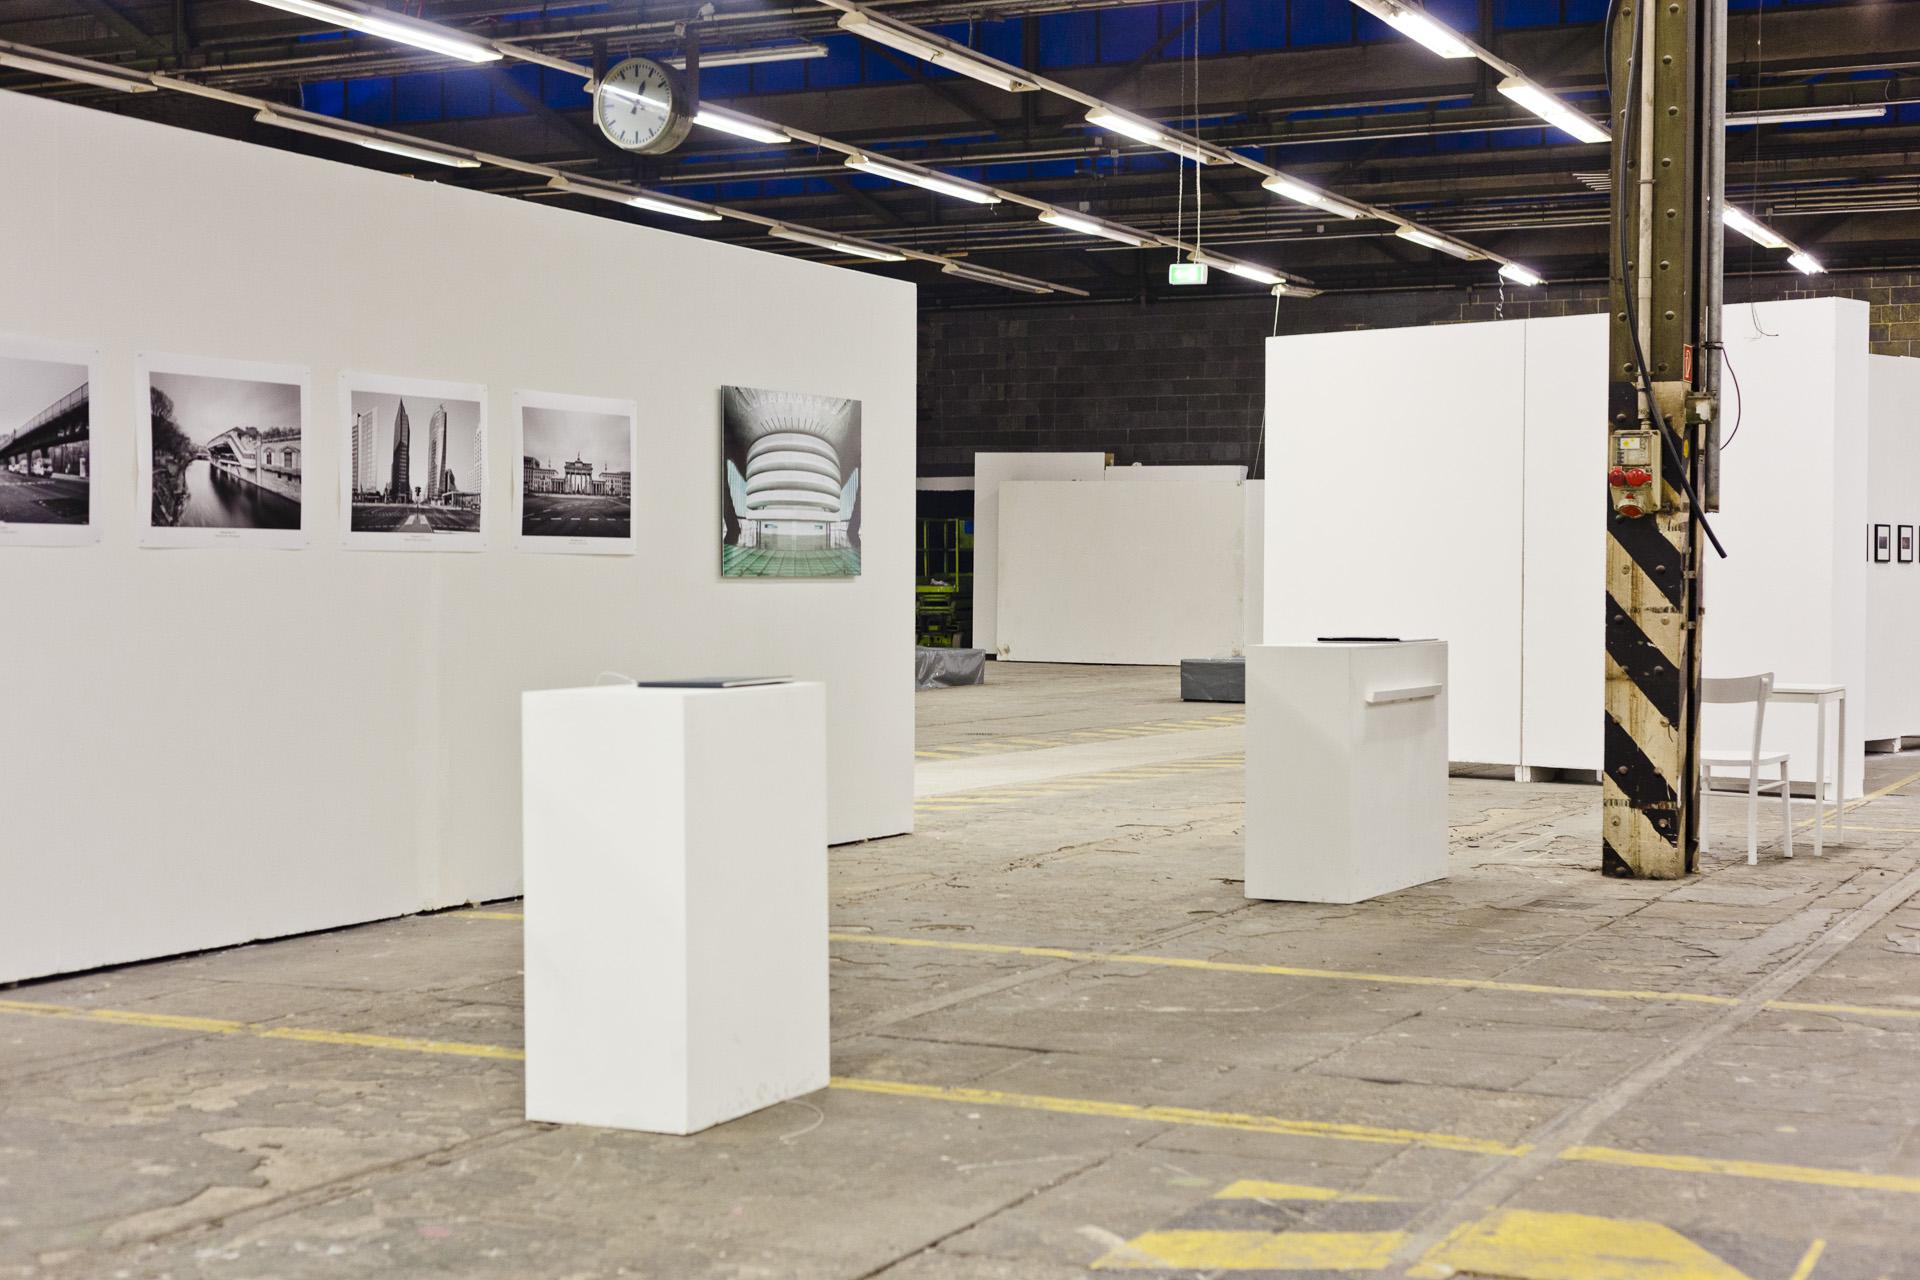 Abschluss projekte - Philip Gunkel01-3